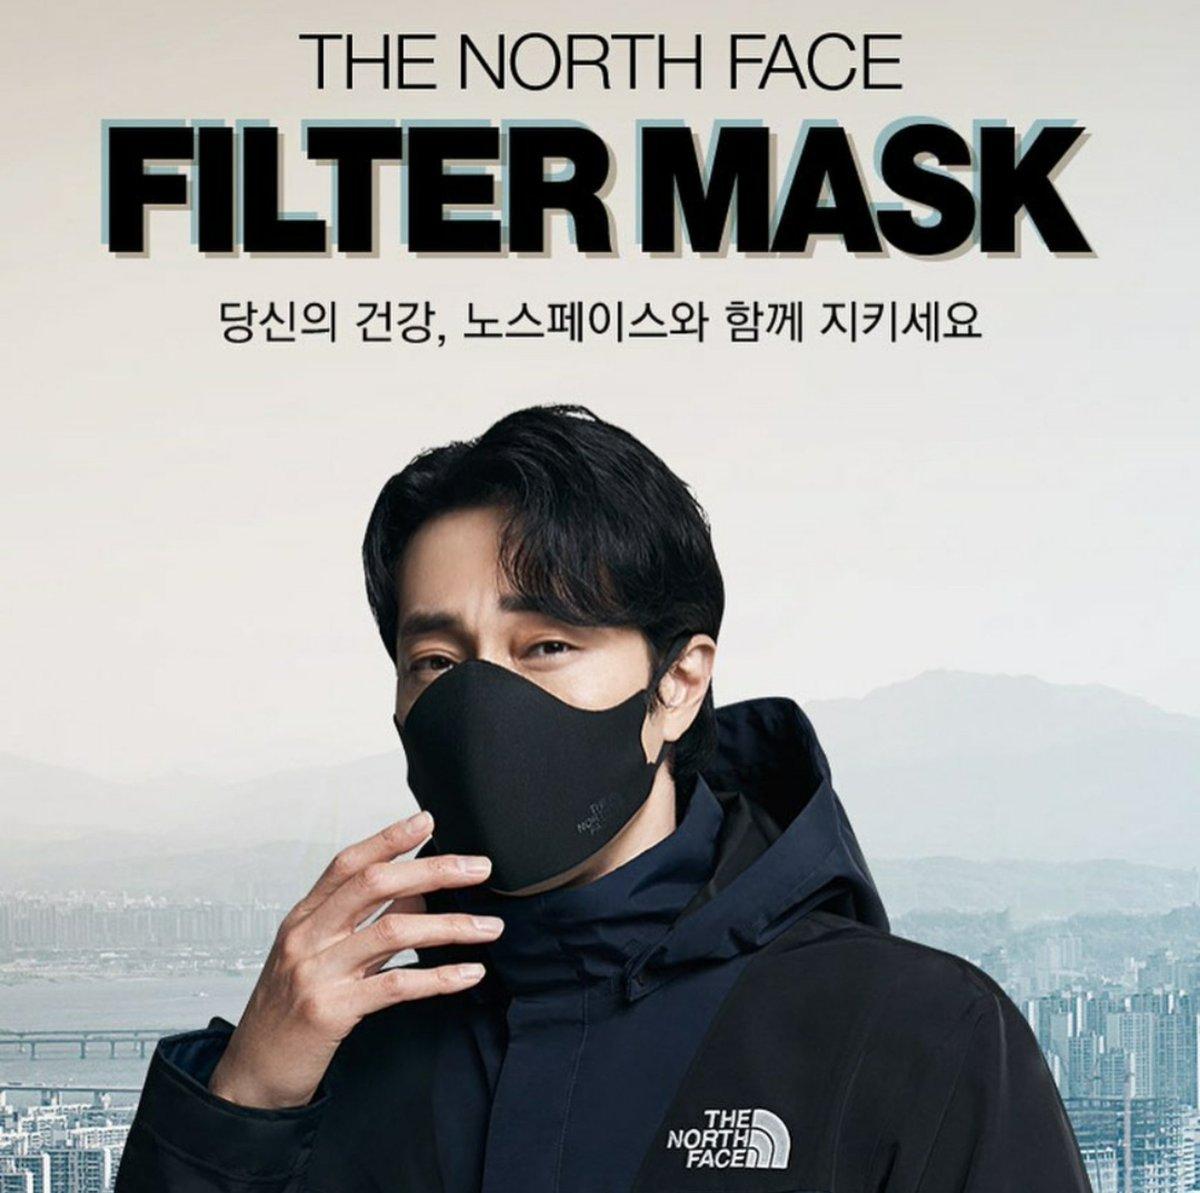 ノース フェイス マスク